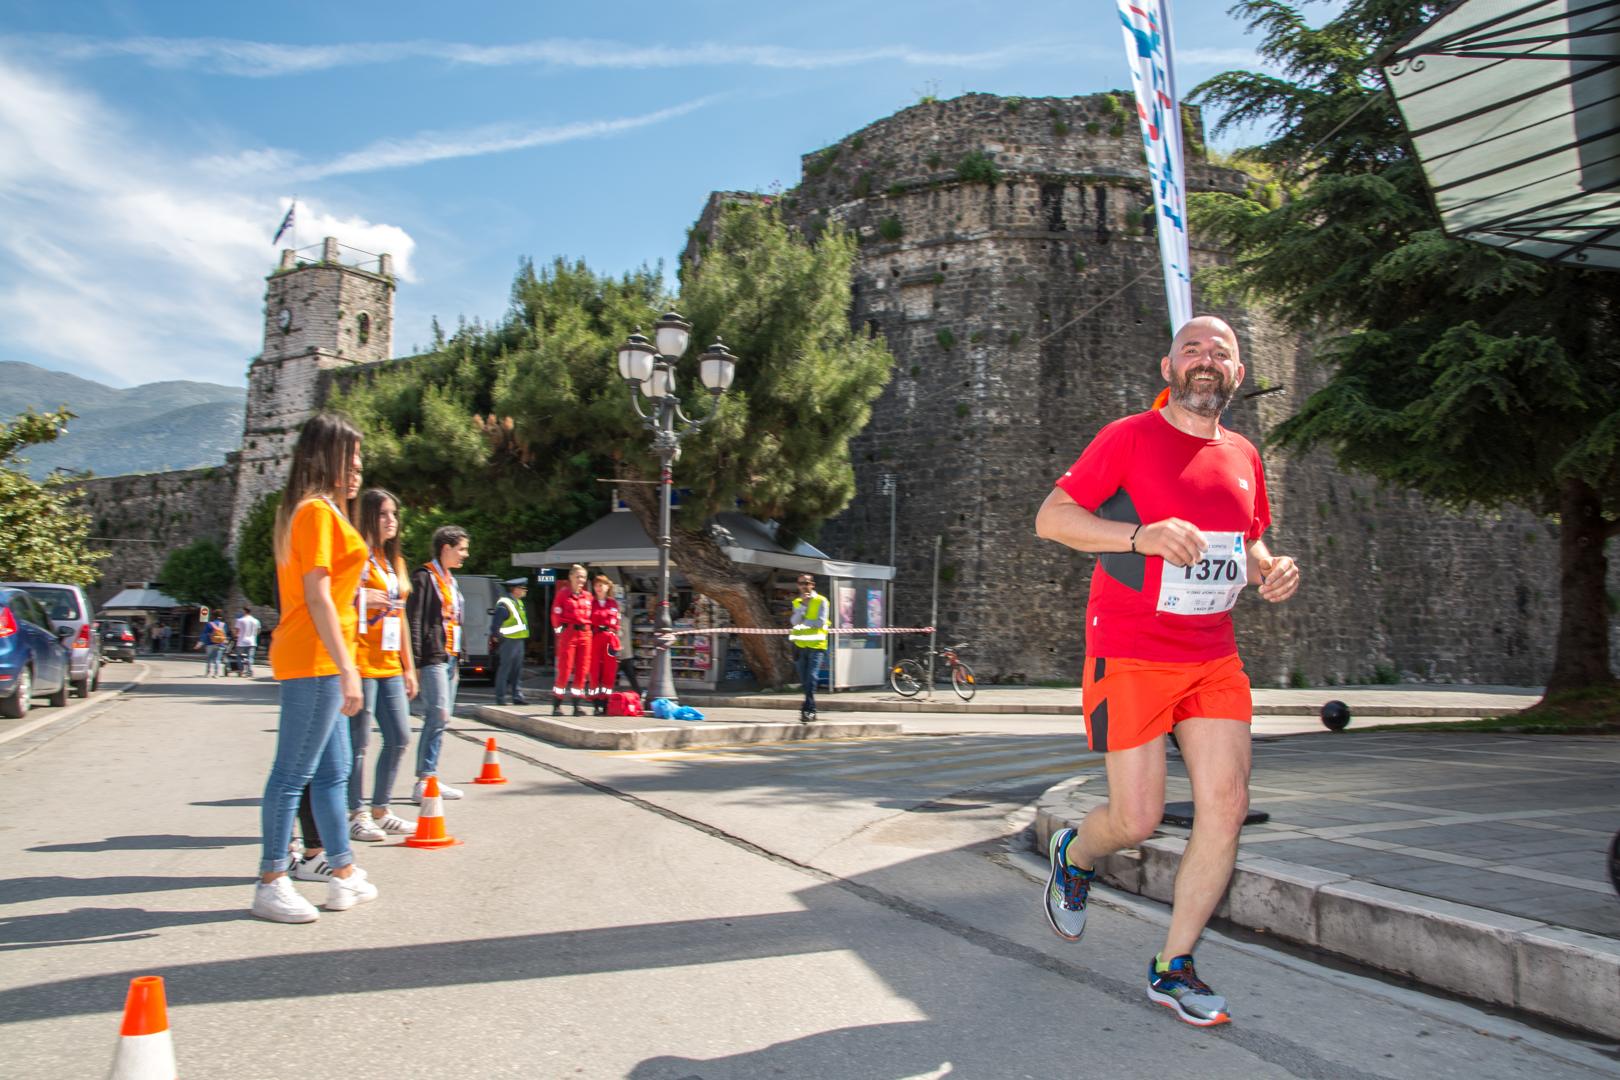 RUN GREECE Ιωάννινα 2016